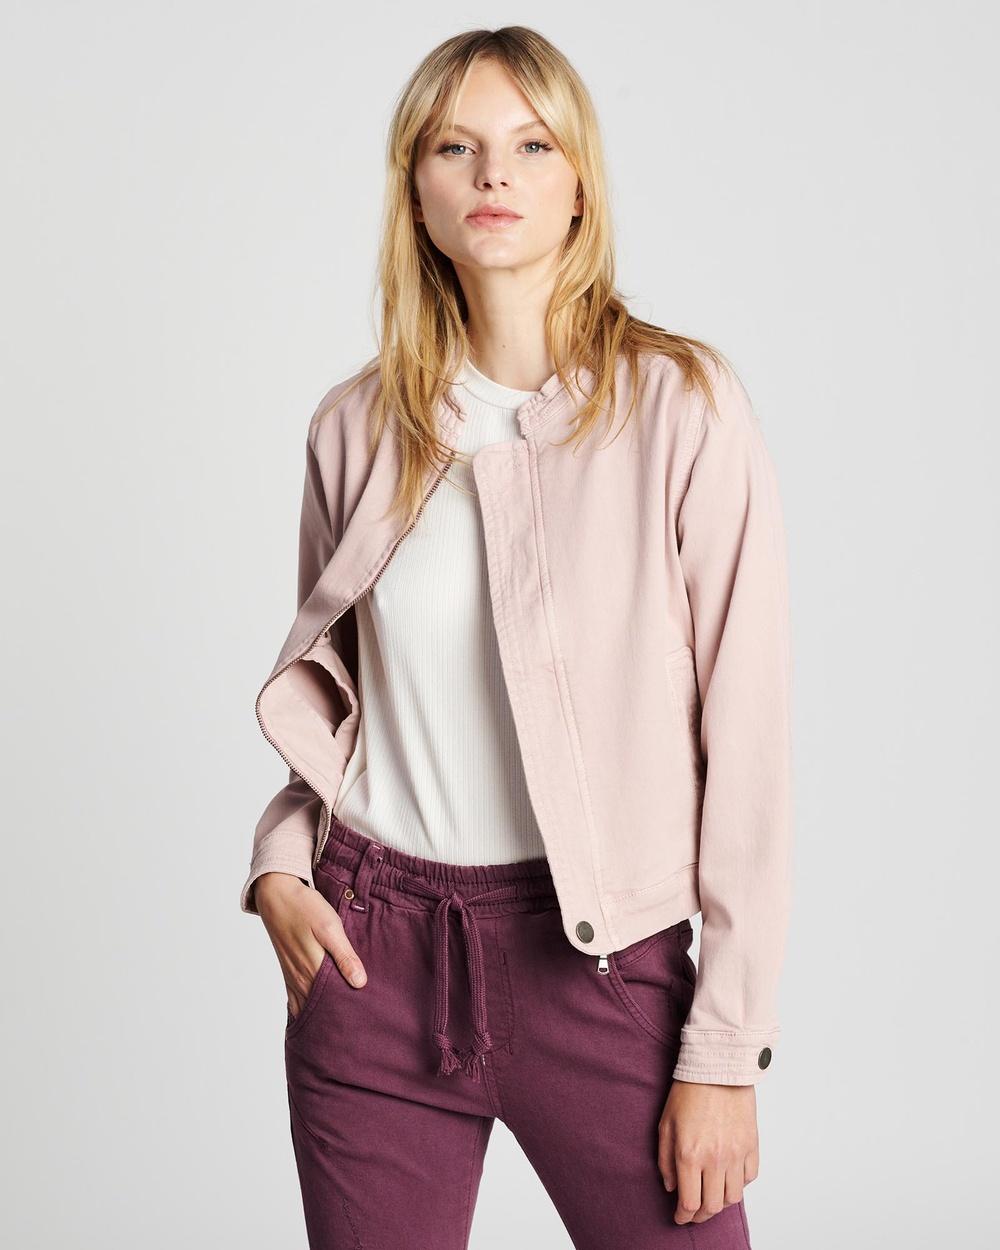 DRICOPER DENIM Walker Roxy Jacket Coats & Jackets Dusty Pink Australia